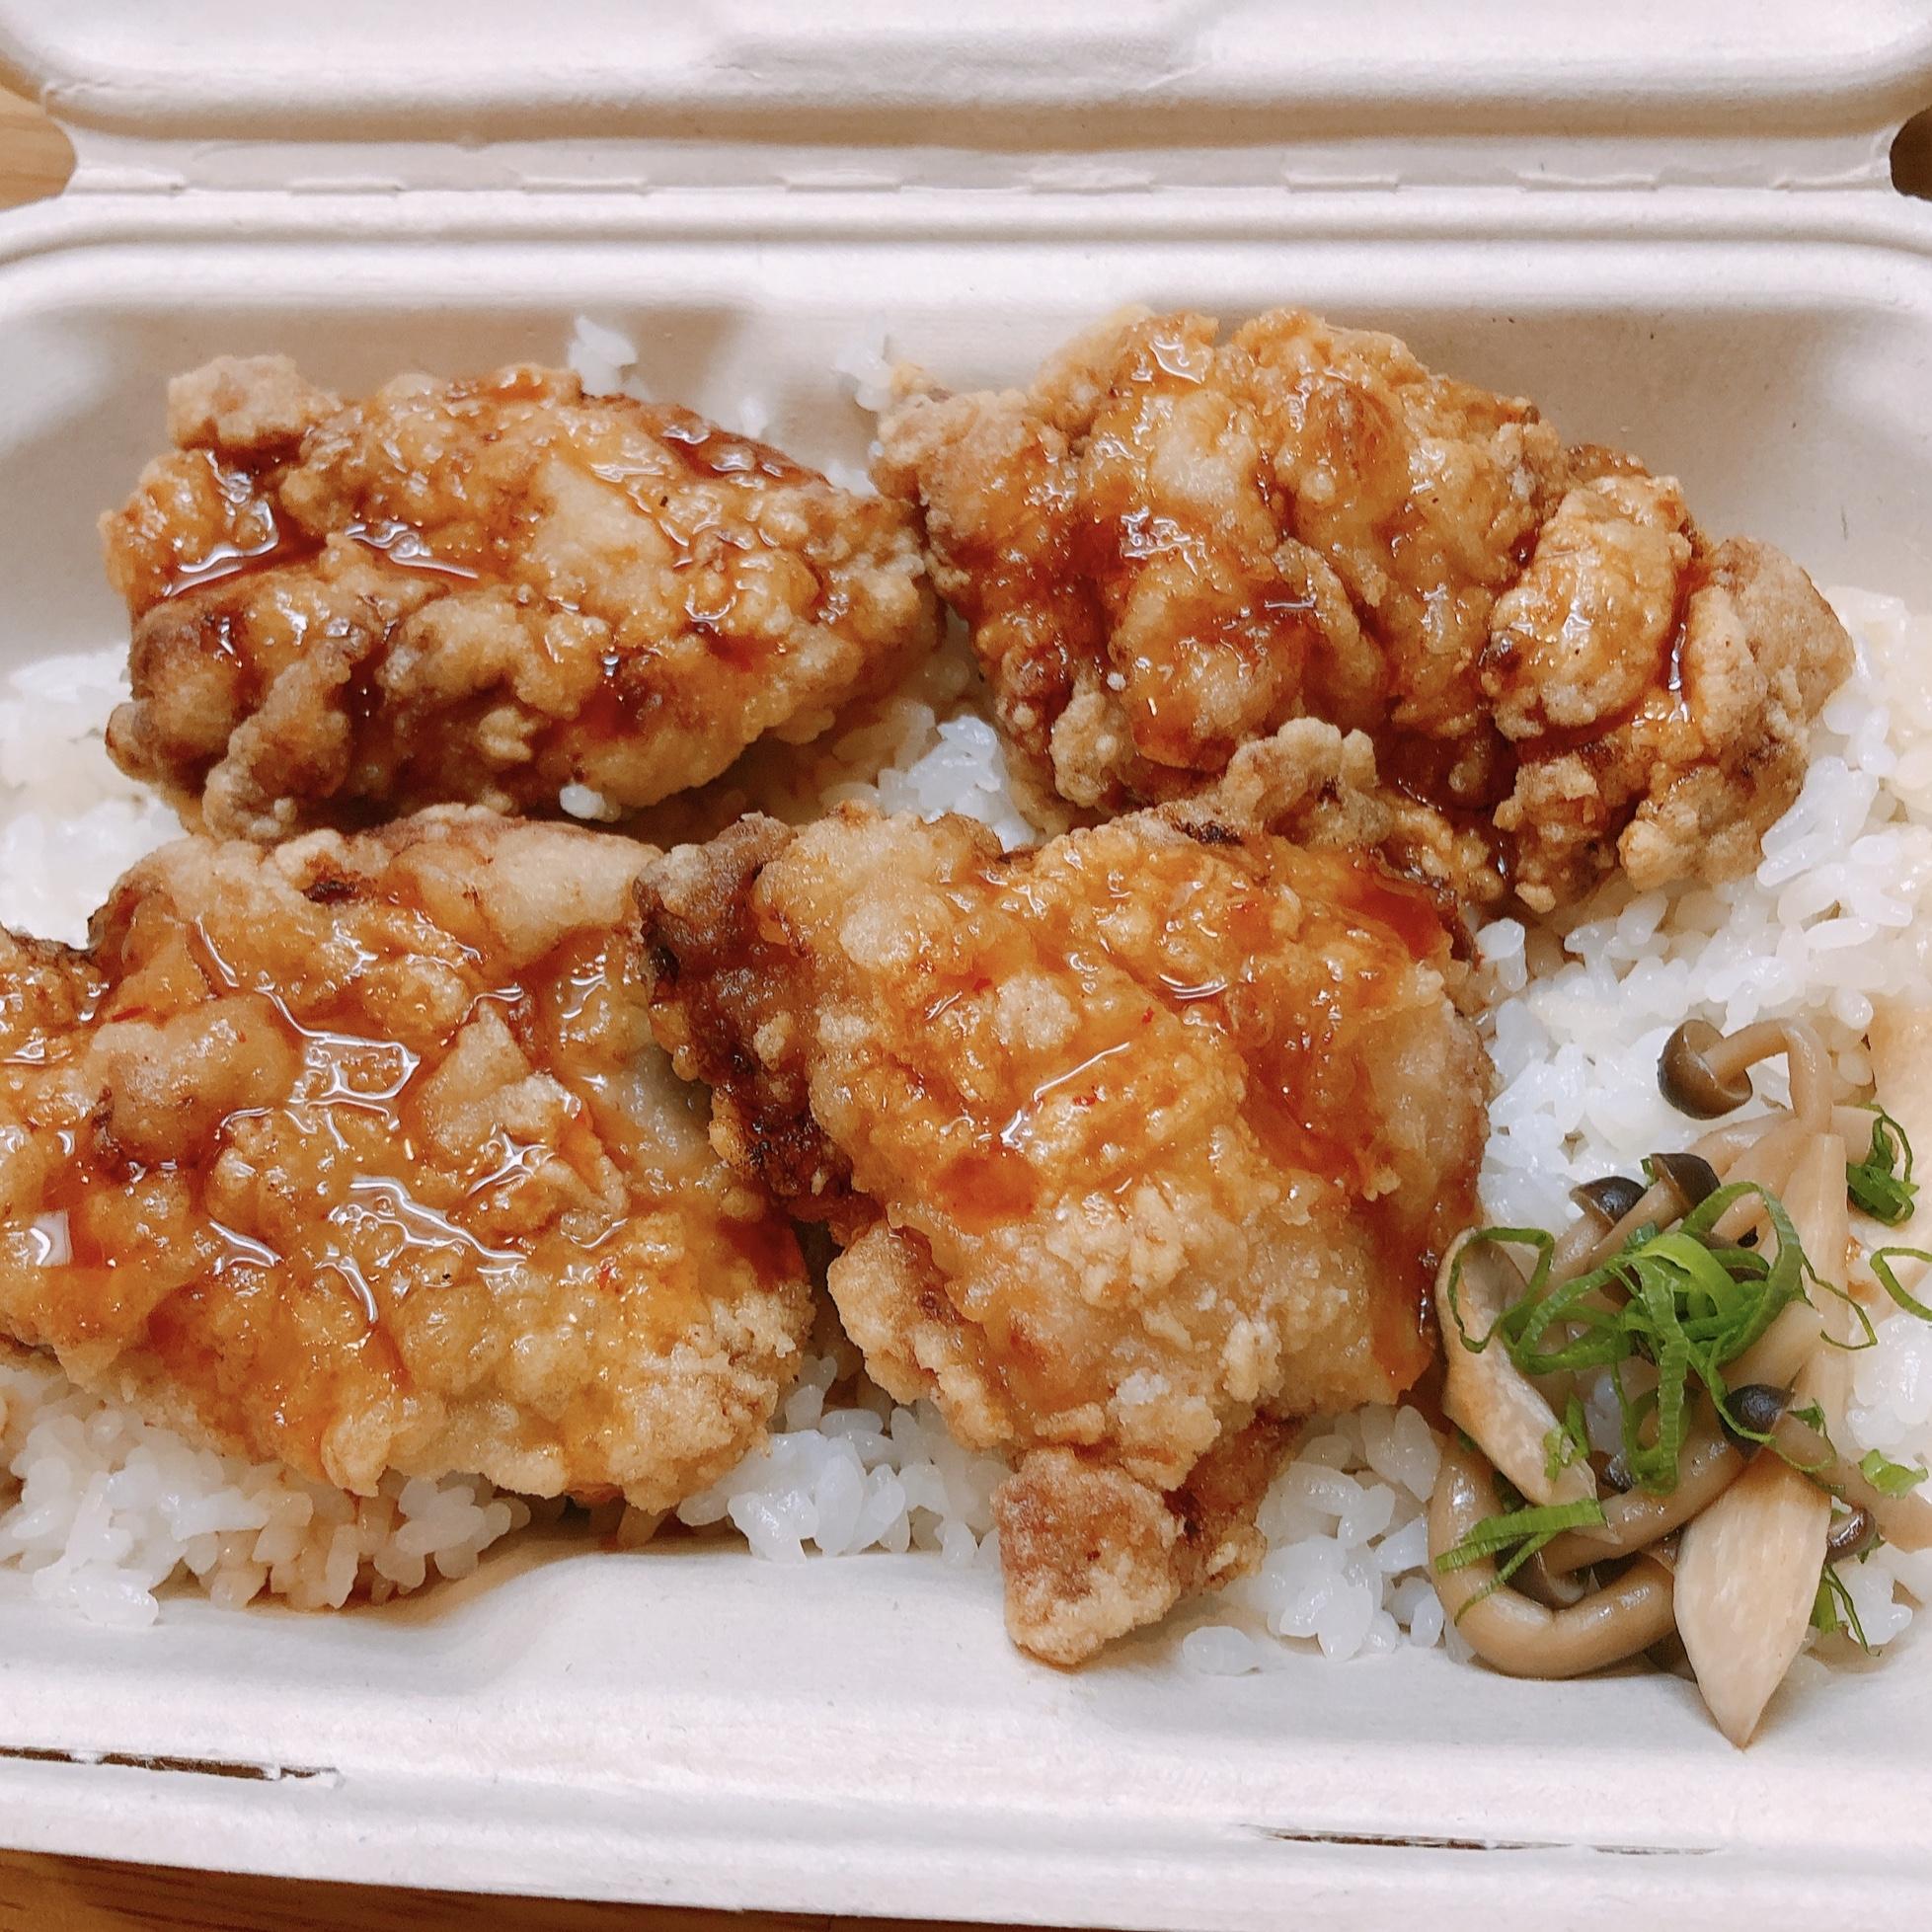 大盛特製から揚げ丼(特製甘辛ソースがけ)